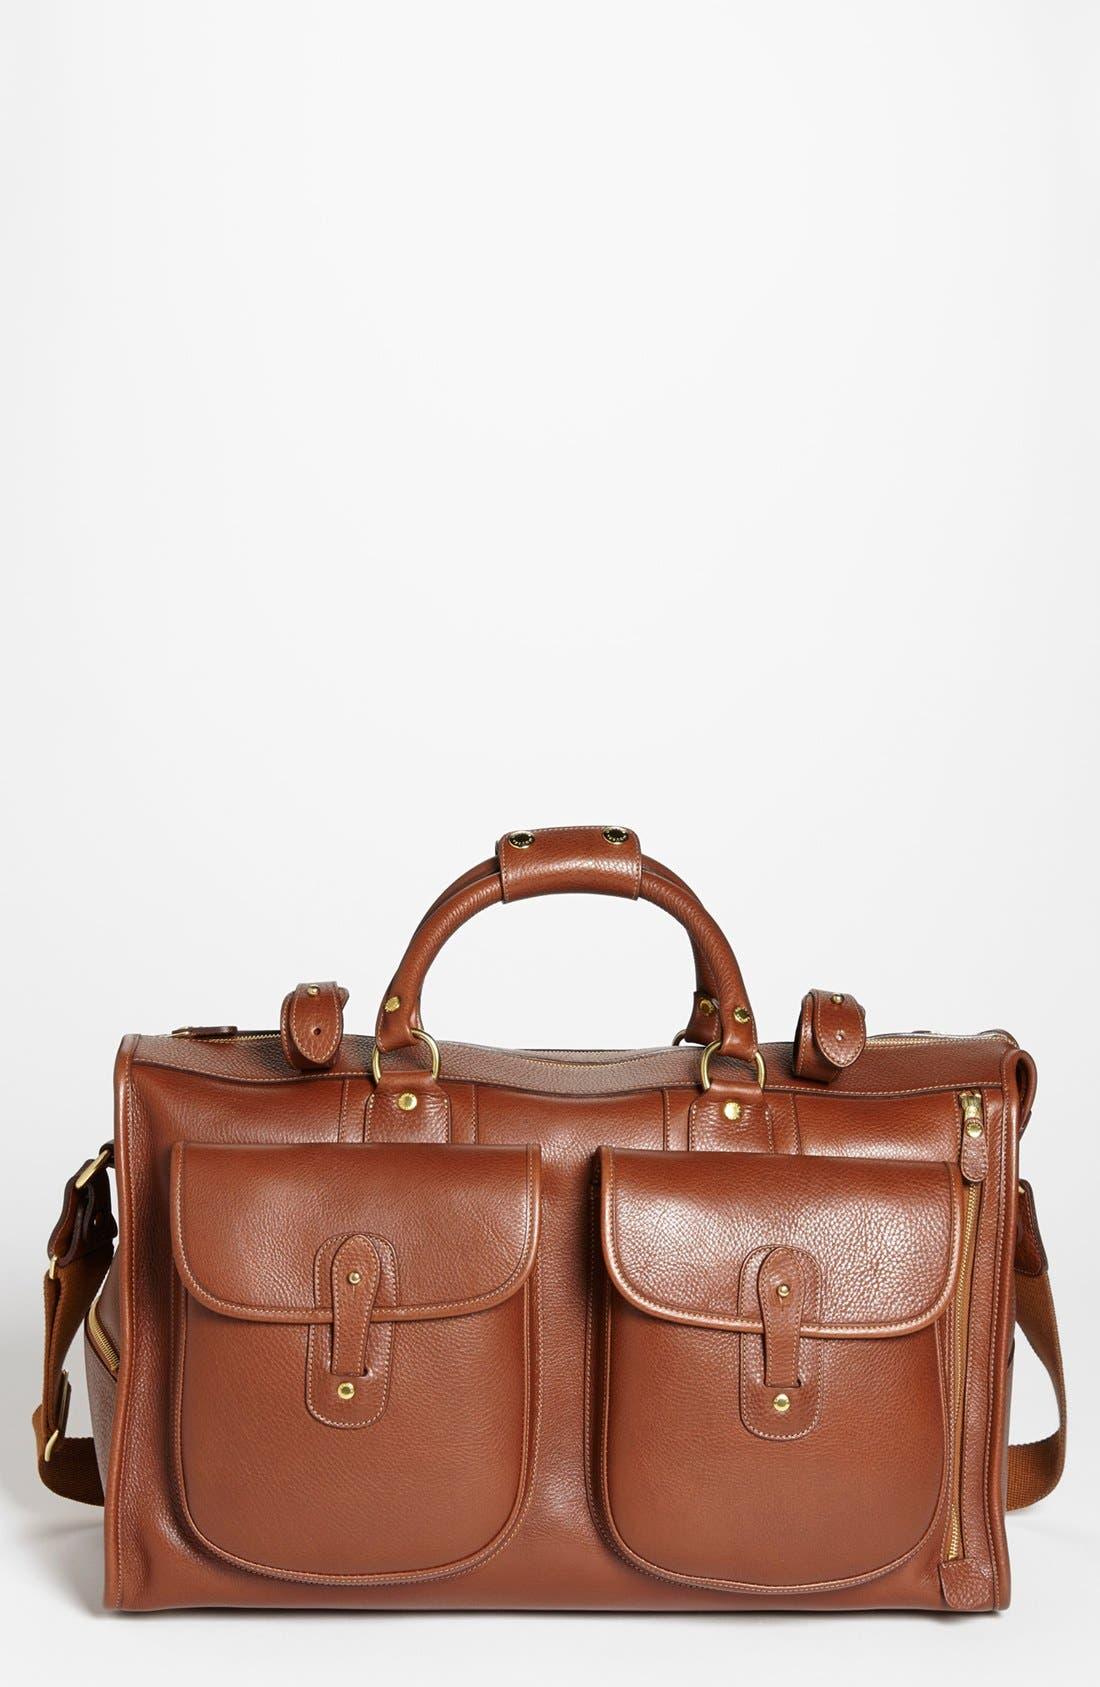 Main Image - Ghurka 'Express' Leather  Bag